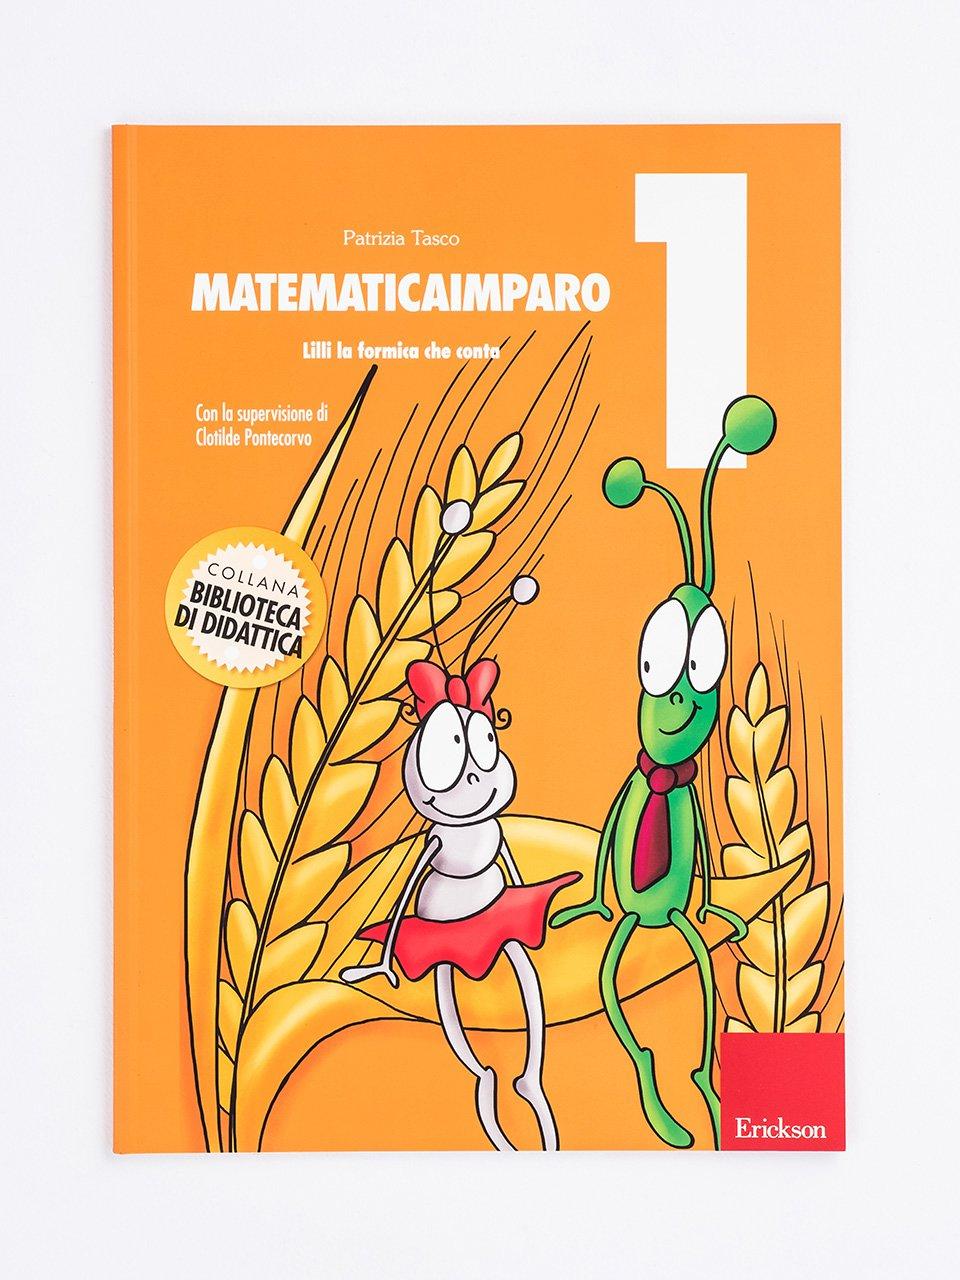 MatematicaImparo 1 - MatematicaImparo 10 - Libri - Erickson